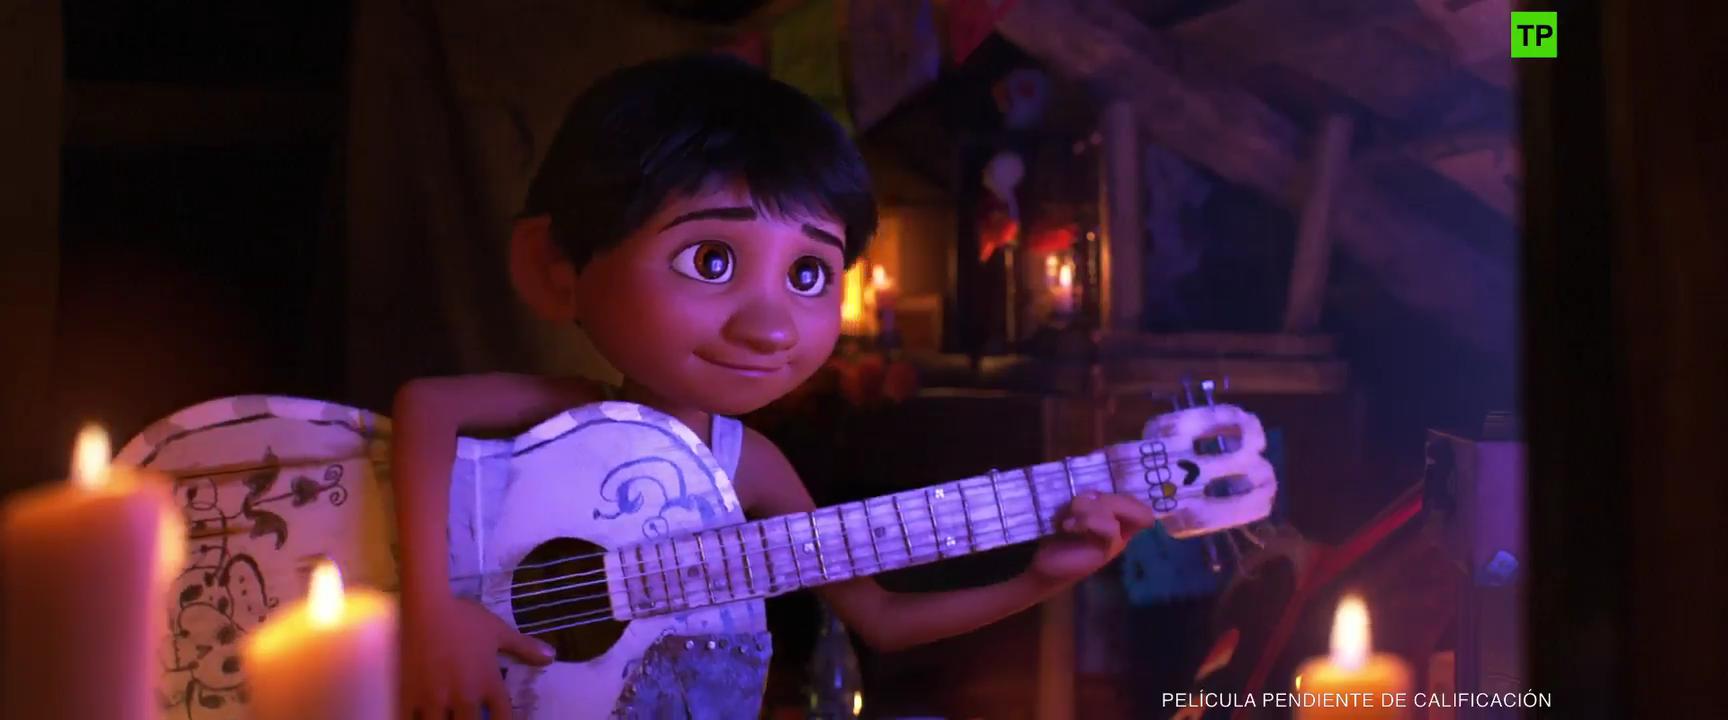 Tráiler Coco La Próxima De Pixar Está Llena De